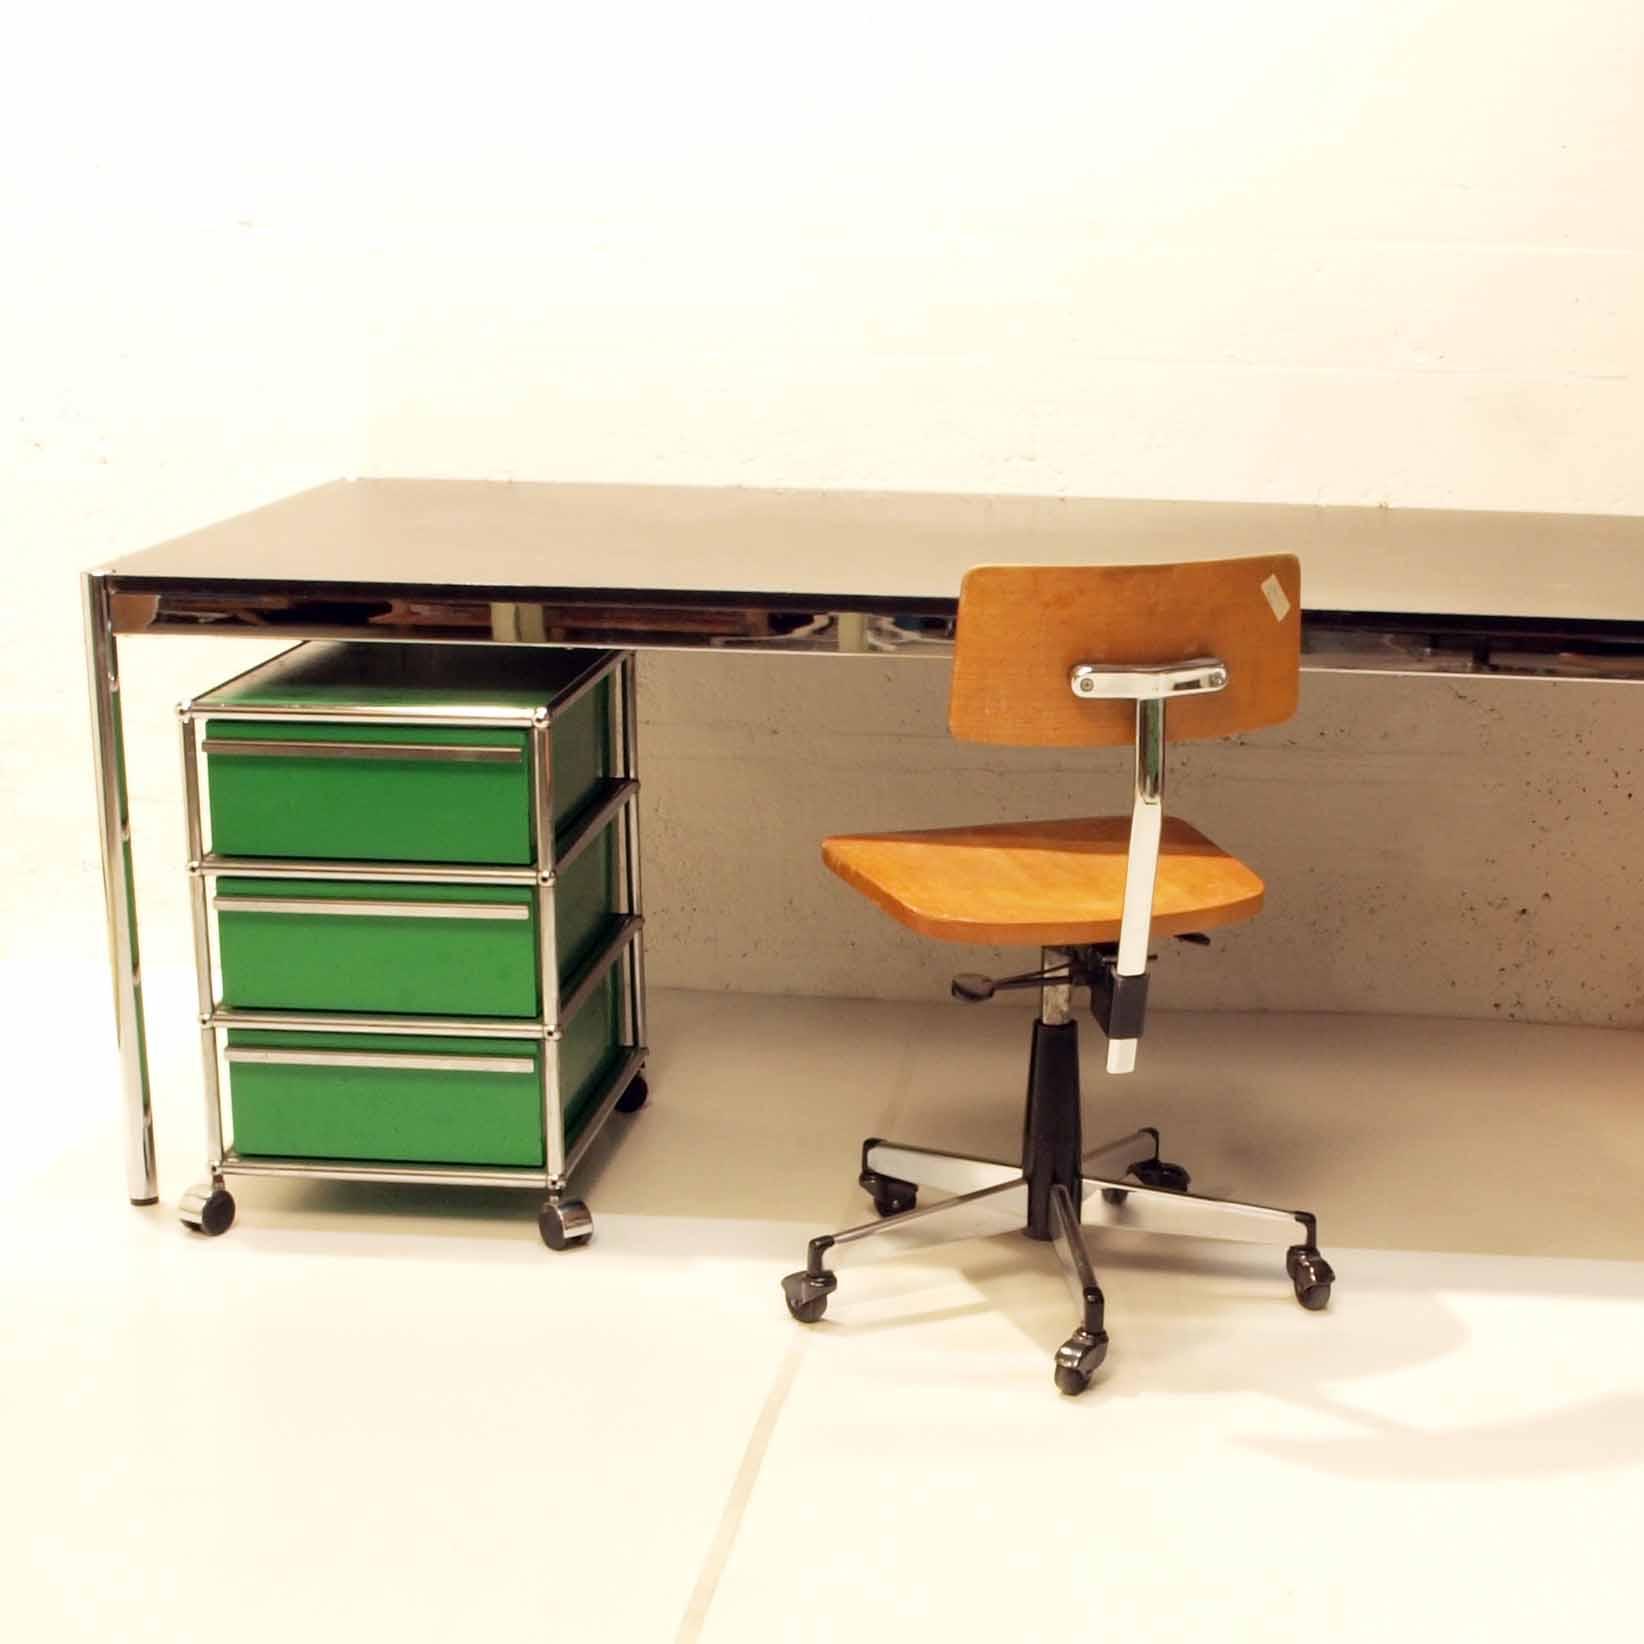 usm korpus gr n m bel z rich vintagem bel. Black Bedroom Furniture Sets. Home Design Ideas